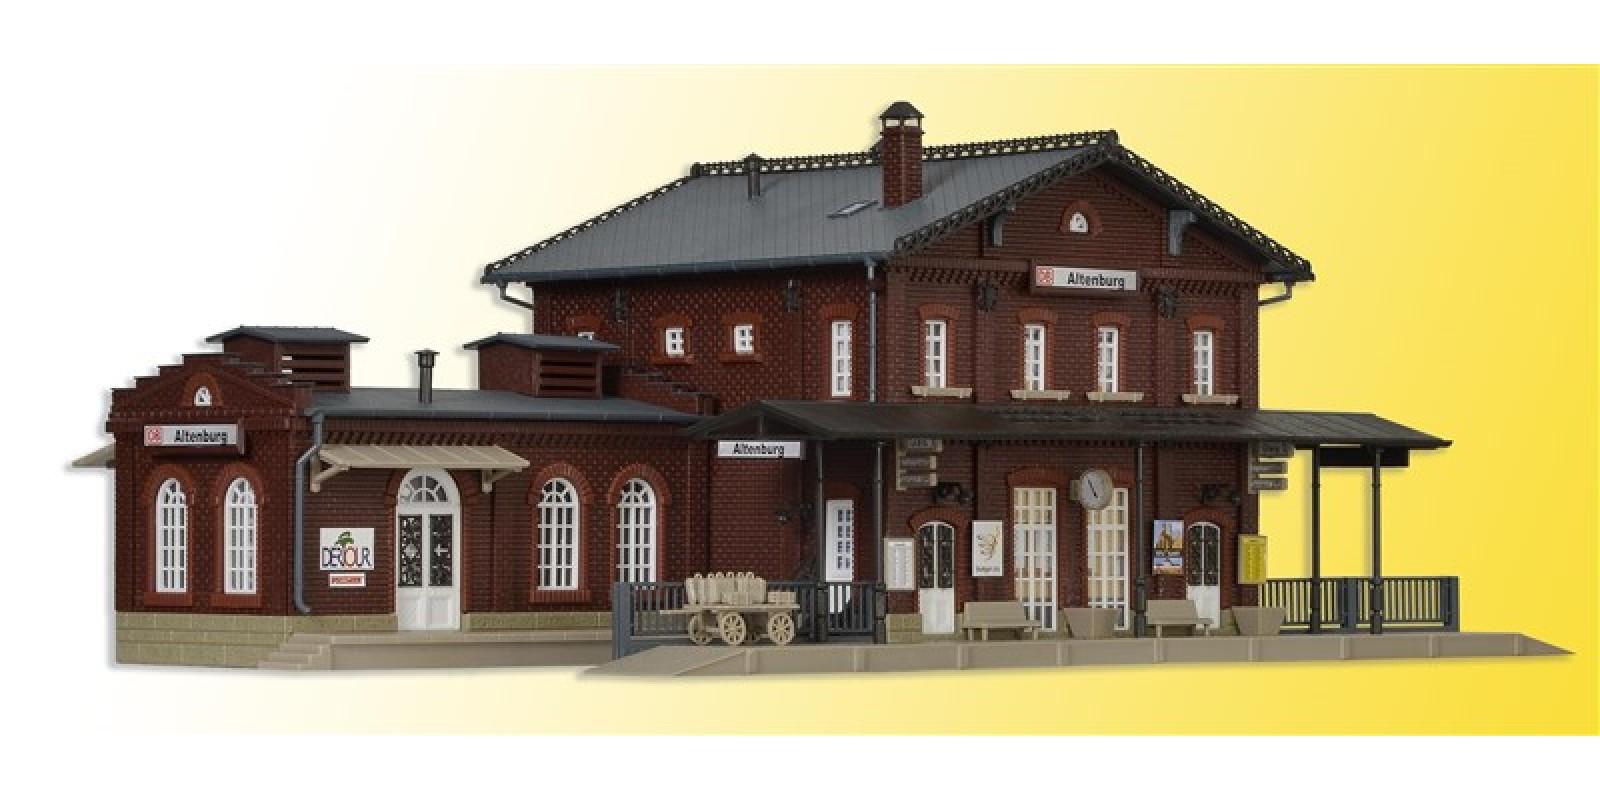 VO43509 H0 Station Altenburg